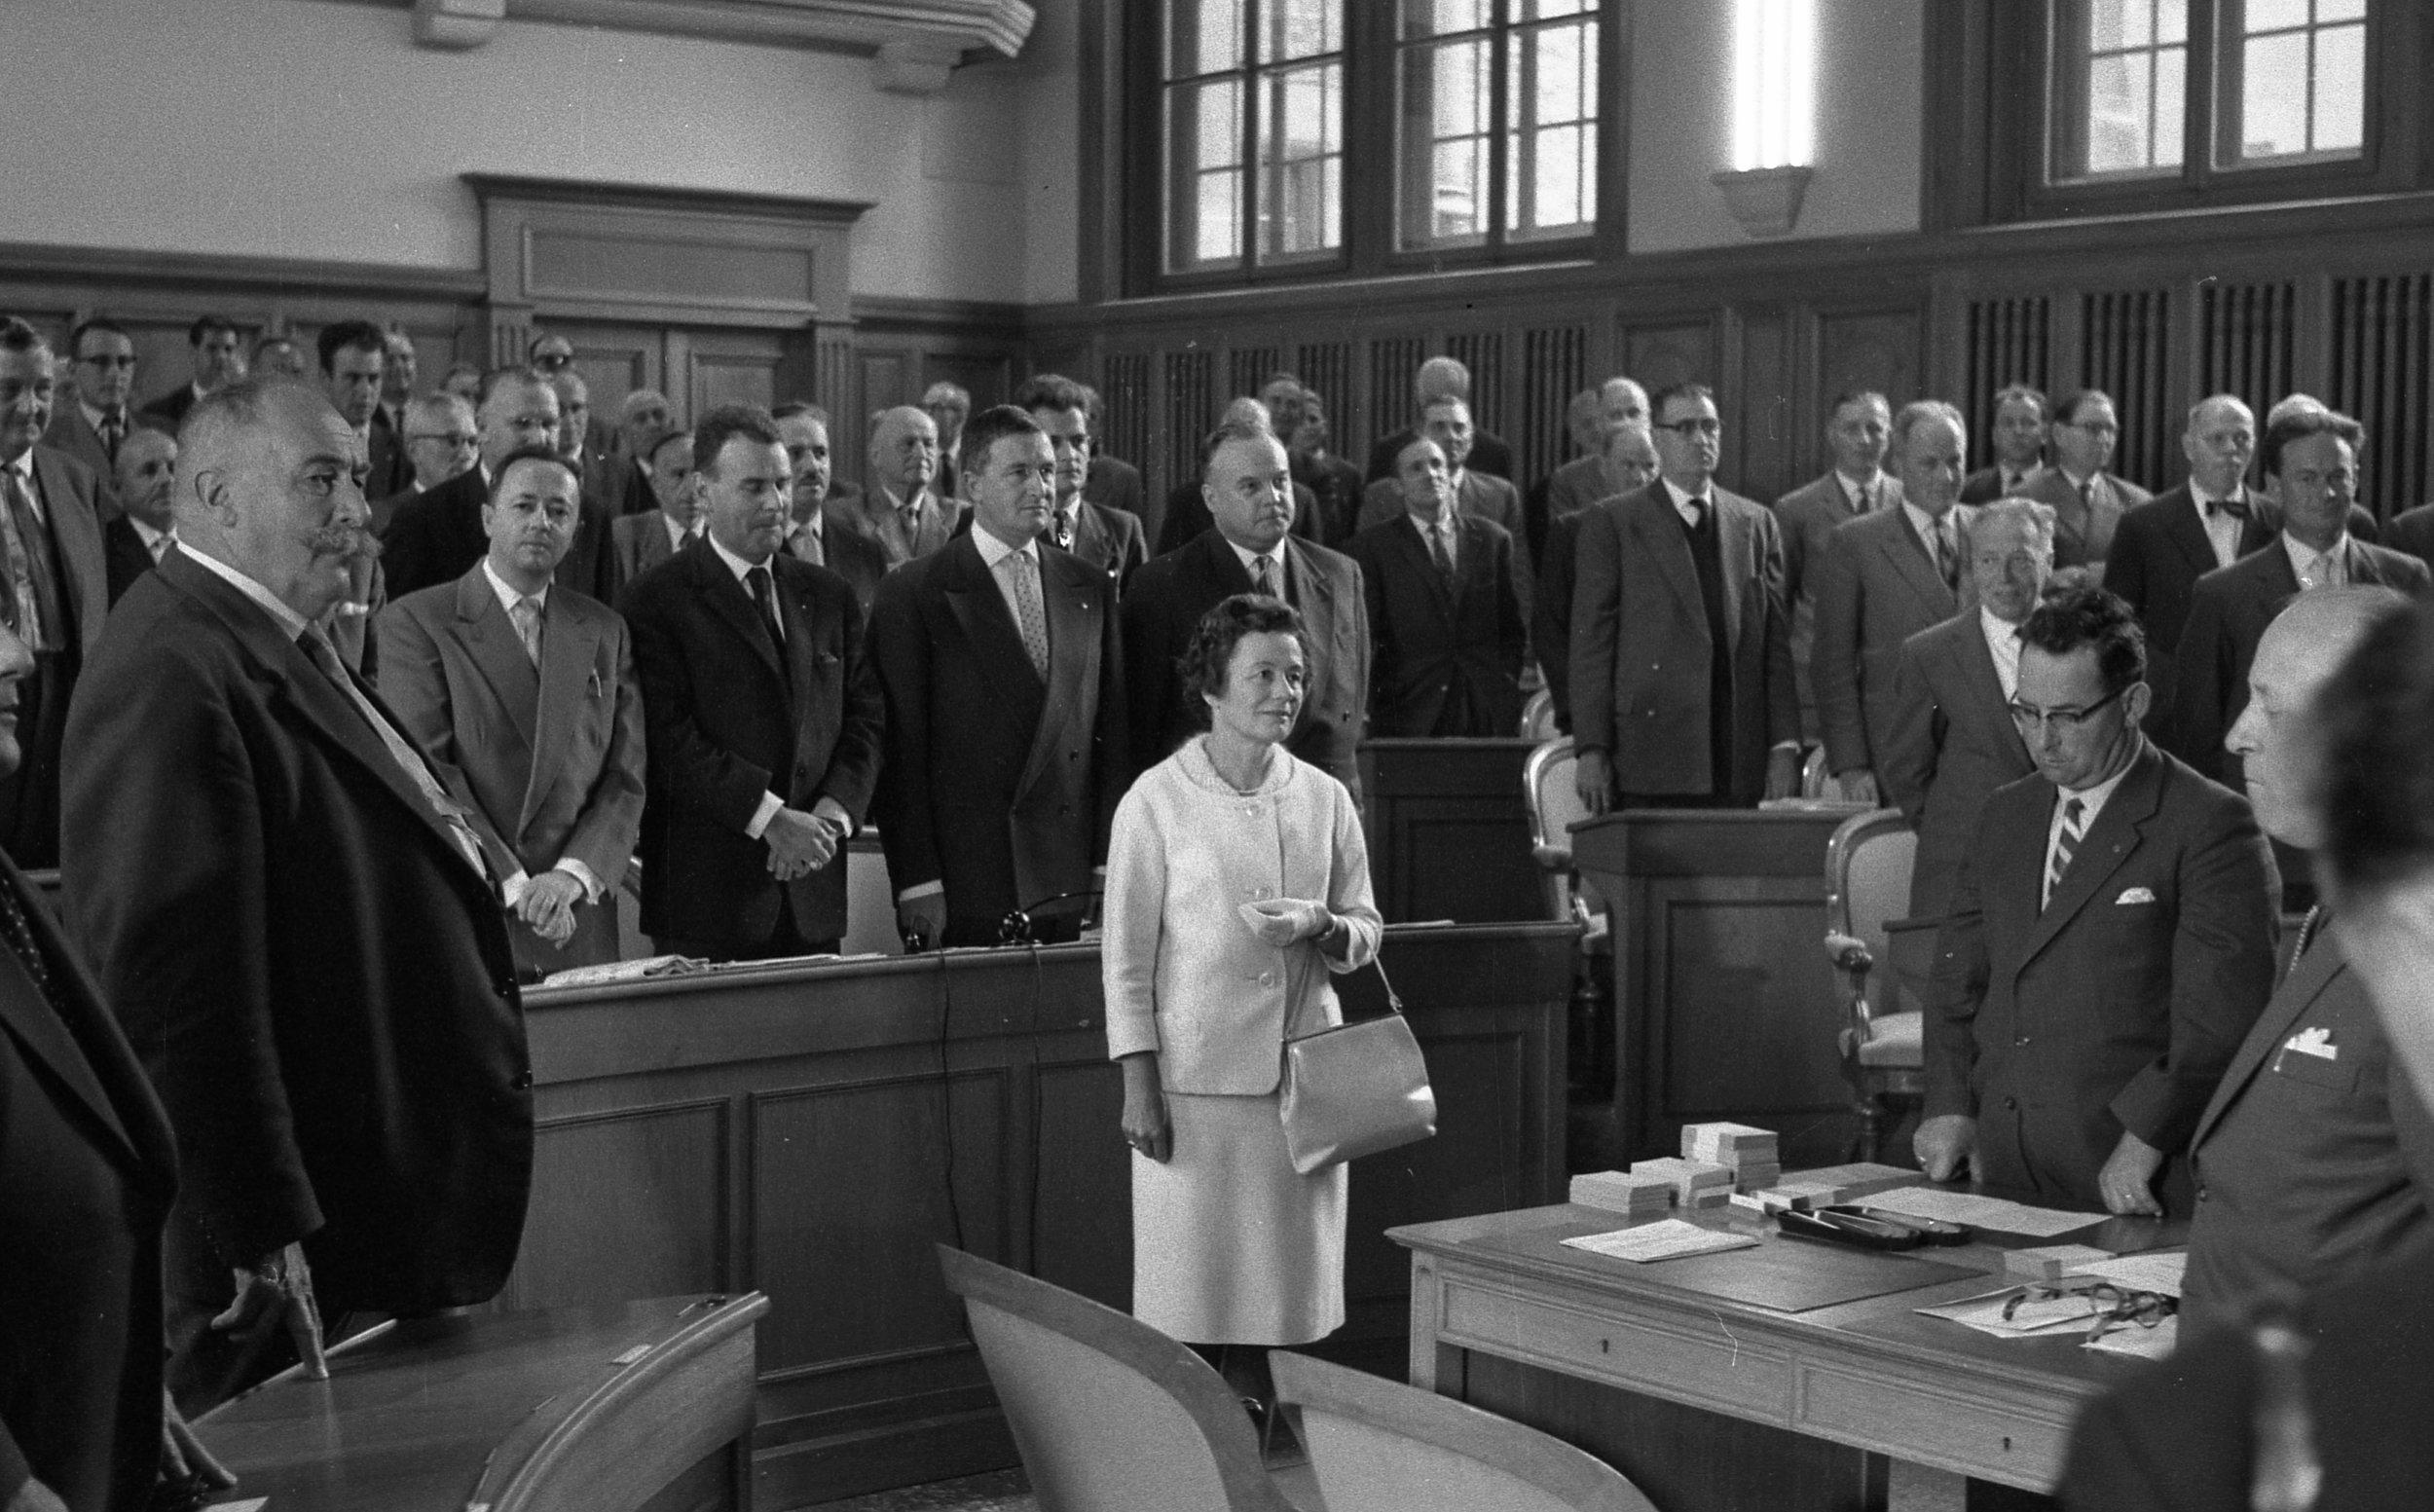 Prestation de serment au Grand Conseil neuchâtelois de Raymonde Schweizer, première Suissesse à siéger dans un législatif cantonal en 1960 (photo Fernand Perret)